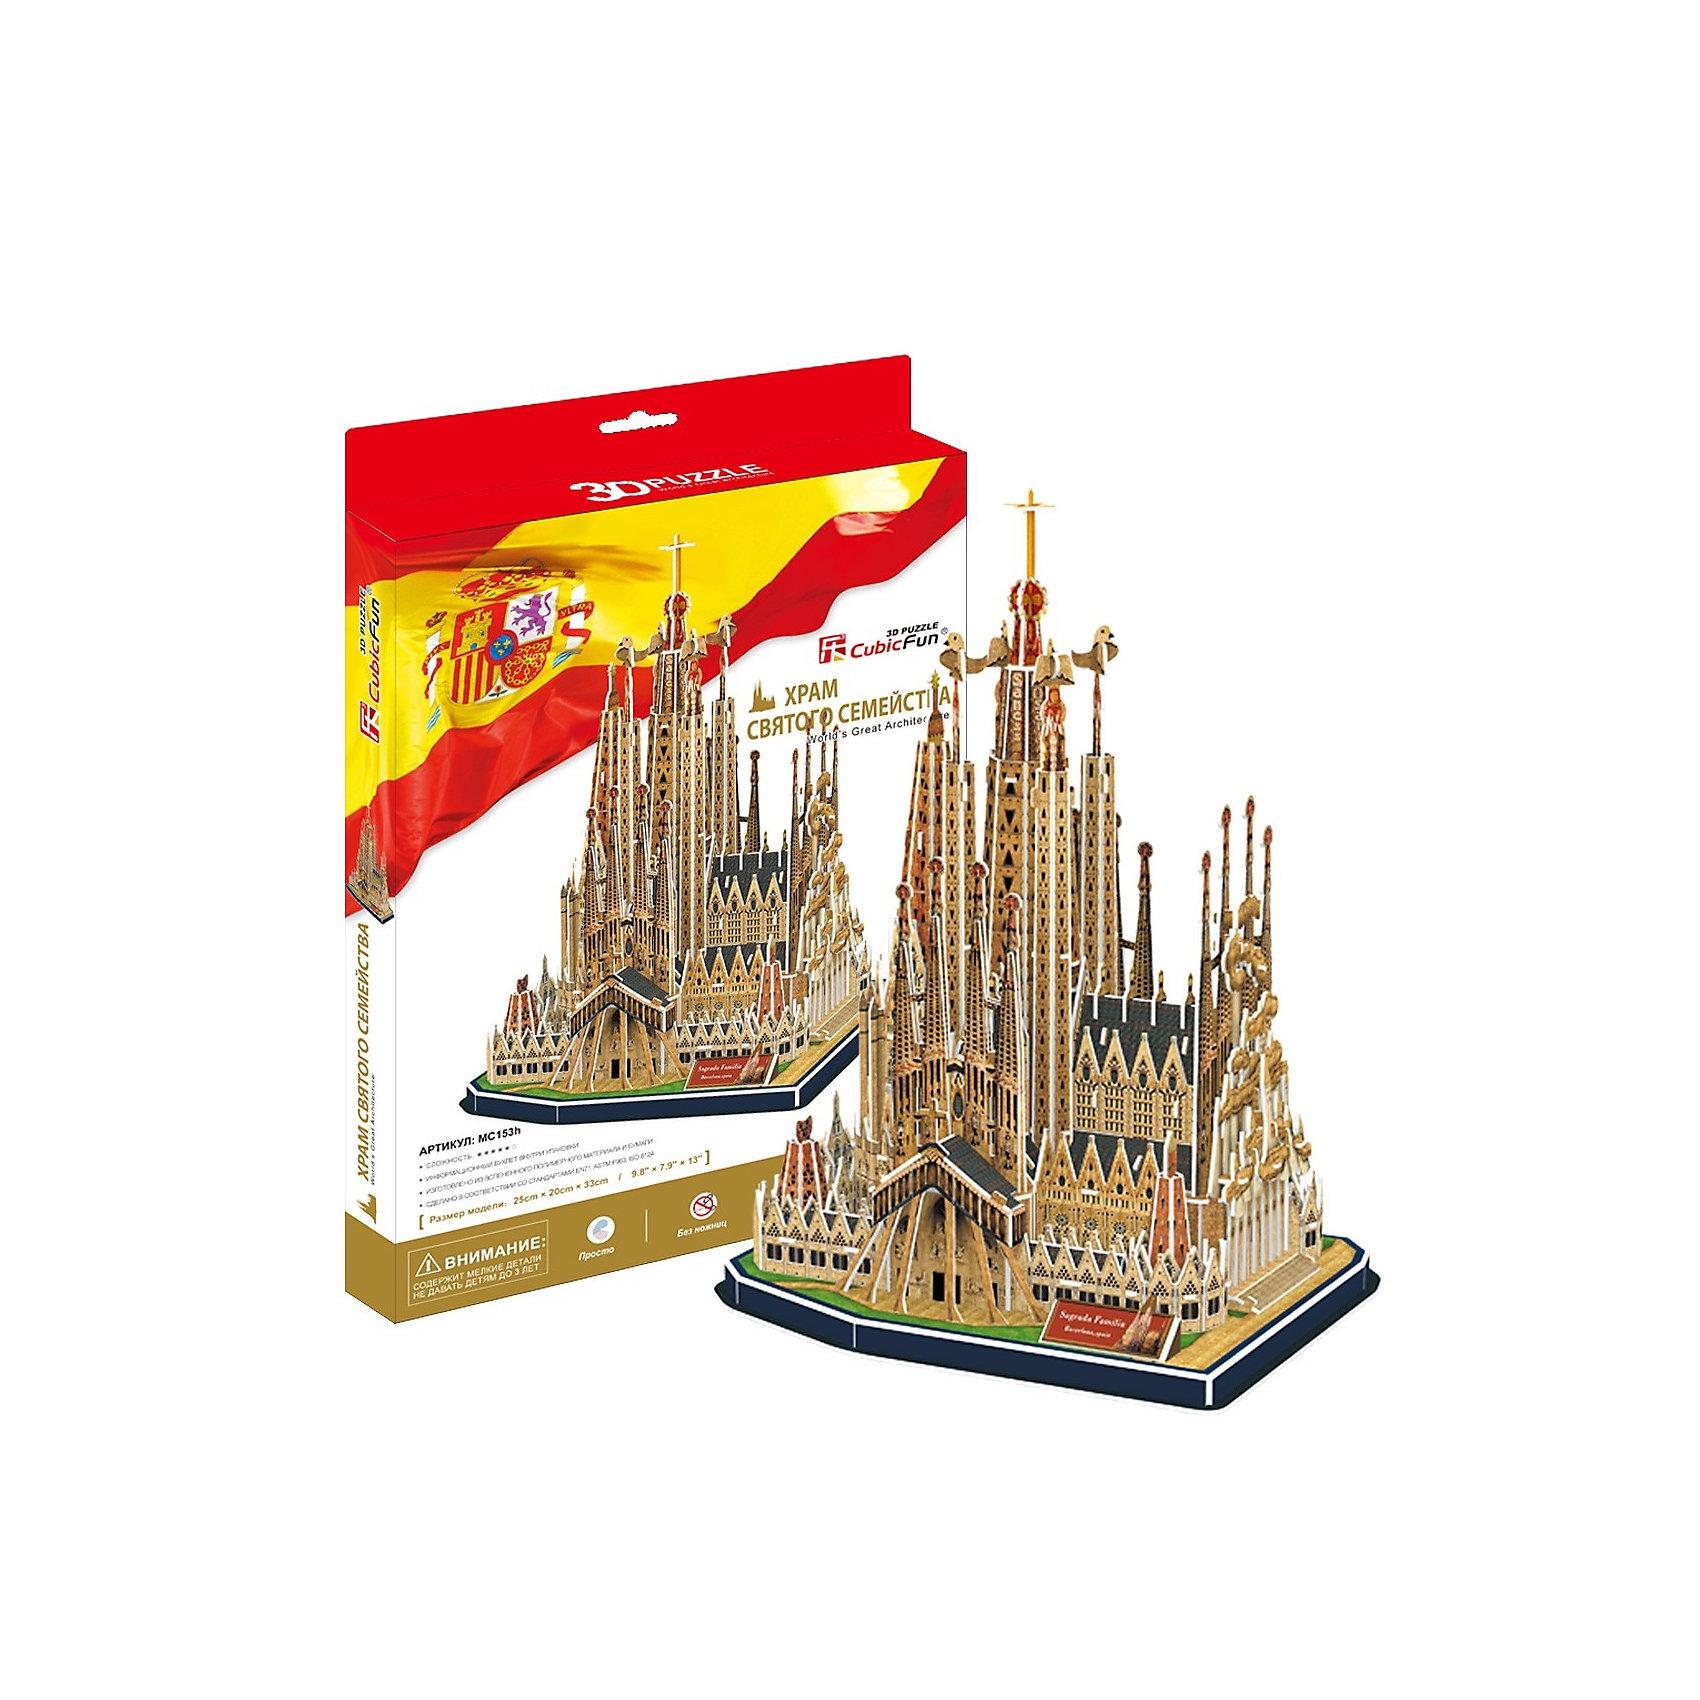 CubicFun Пазл 3D Храм Святого Семейства (Испания), CubicFun cubicfun 3d пазл эйфелева башня париж cubicfun 82 детали